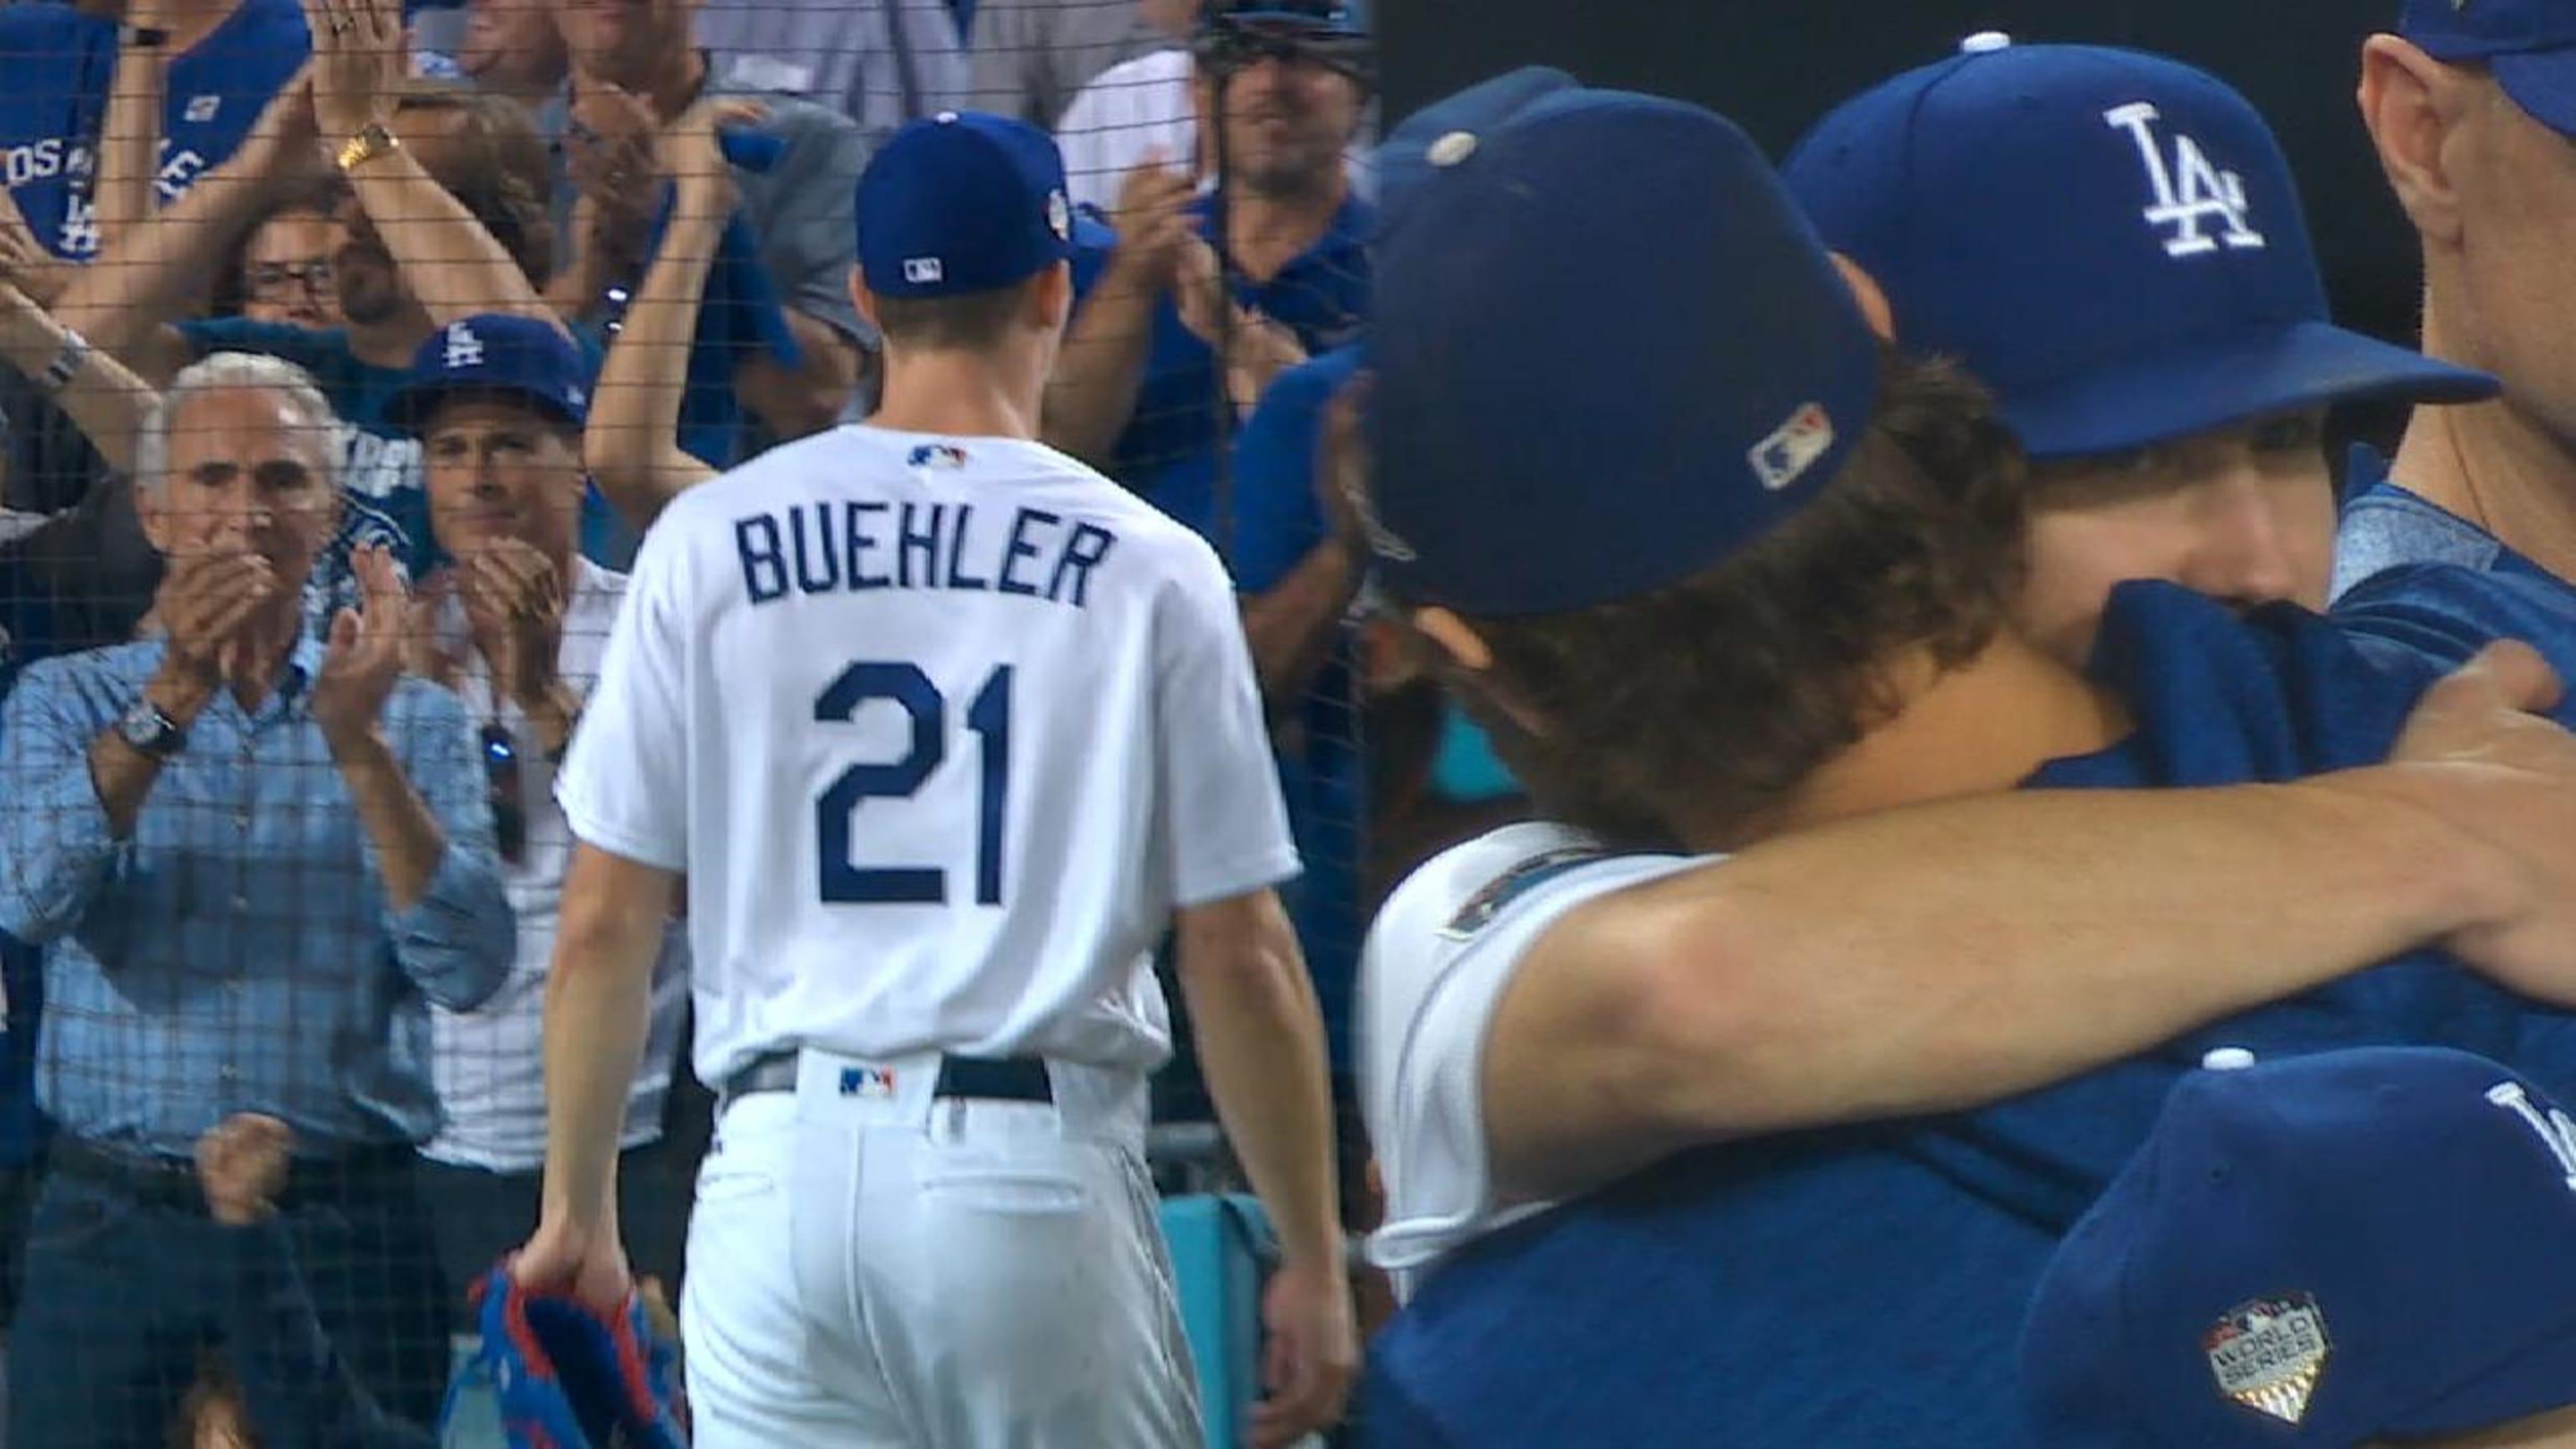 Buehler whiffs Martinez in 7th